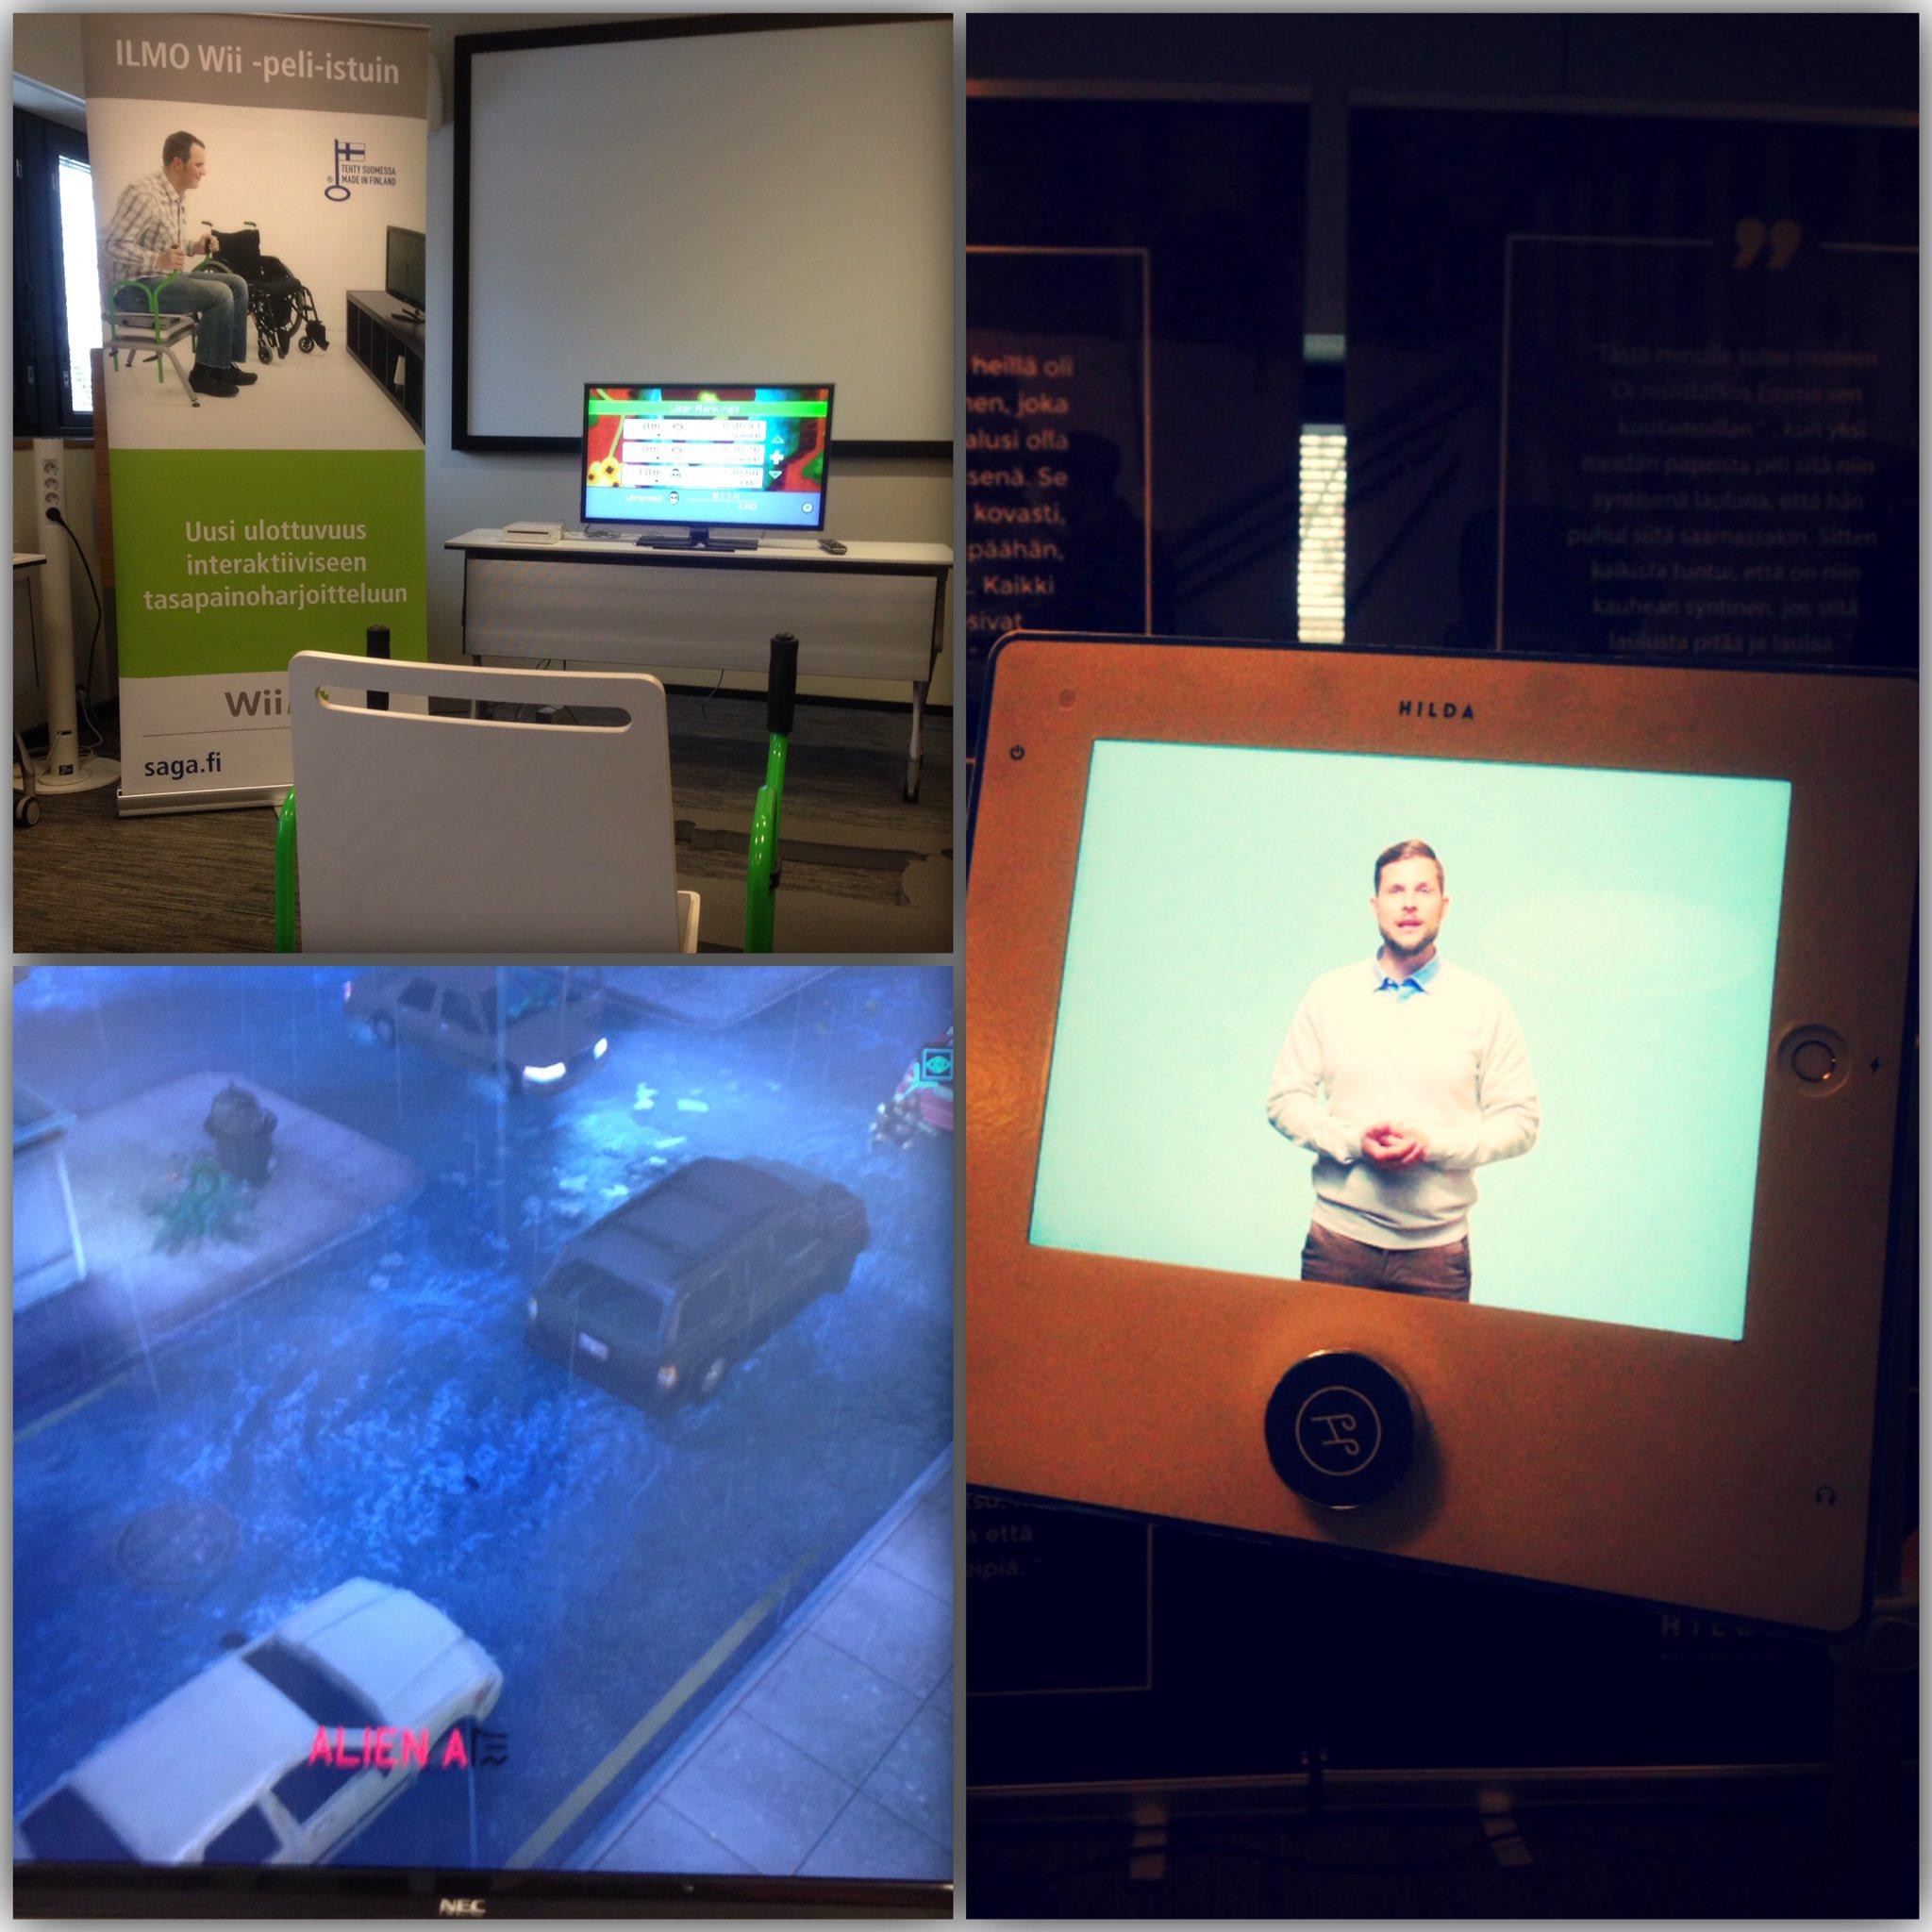 Kyllä oli upea seminaari, kiitos järjestäjille! 👏🏻 Opiskelija oppi jälleen paljon uutta! #LähiVerkko #kaikkipelaa #geronomi #teknologia https://t.co/aRjd6CQgrX